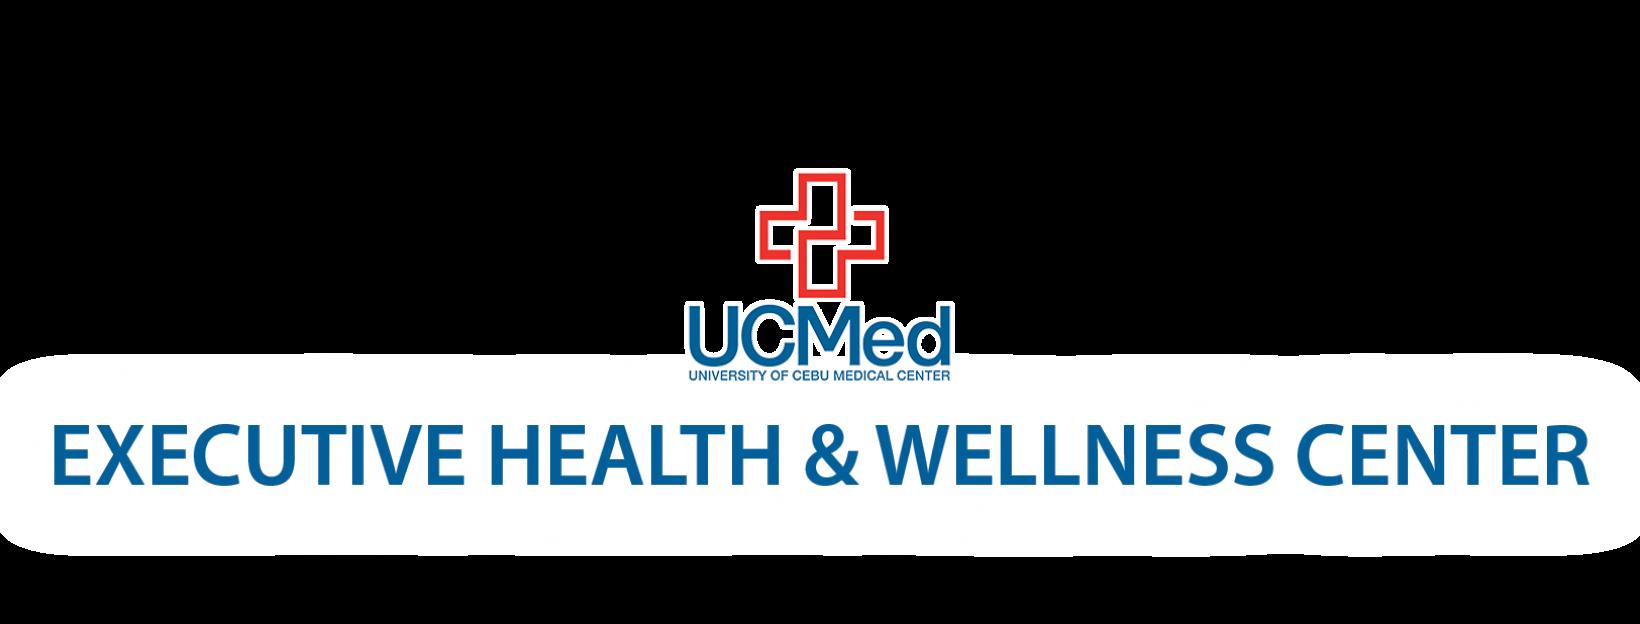 executive health banner 2